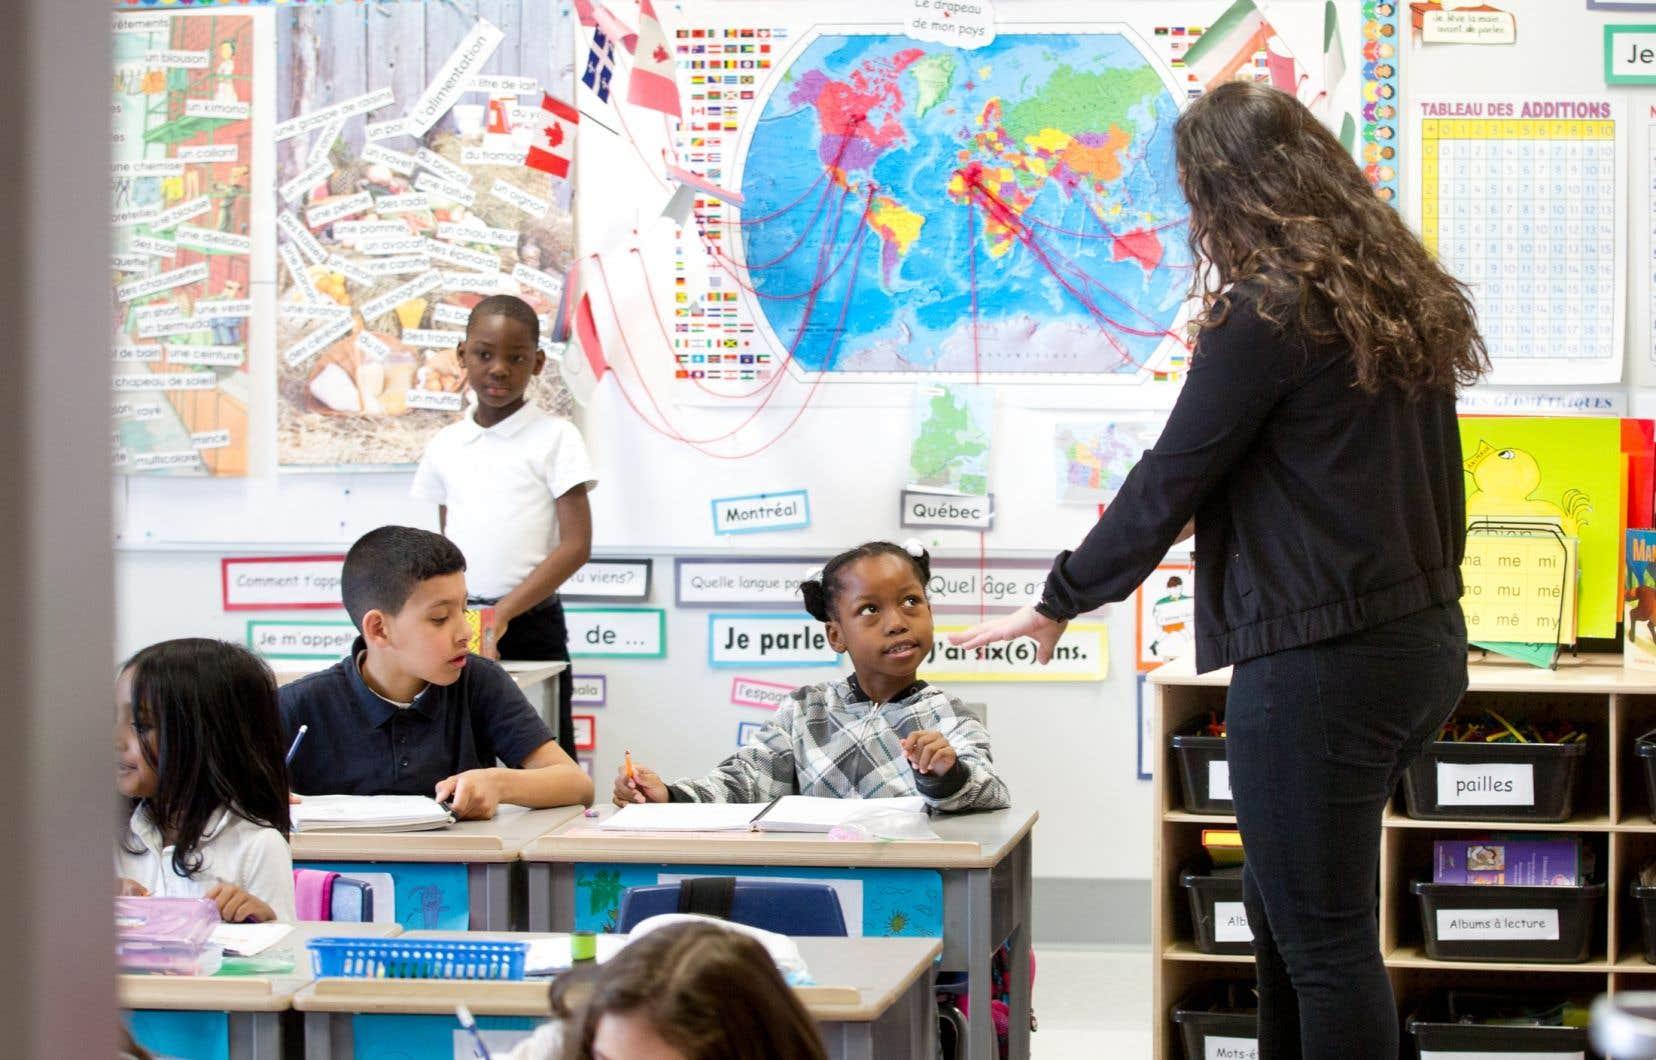 La présidente de l'Alliance des professeures et des professeurs de Montréal dit qu'il faut «trouver des suppléants parce que nos profs sont épuisés».